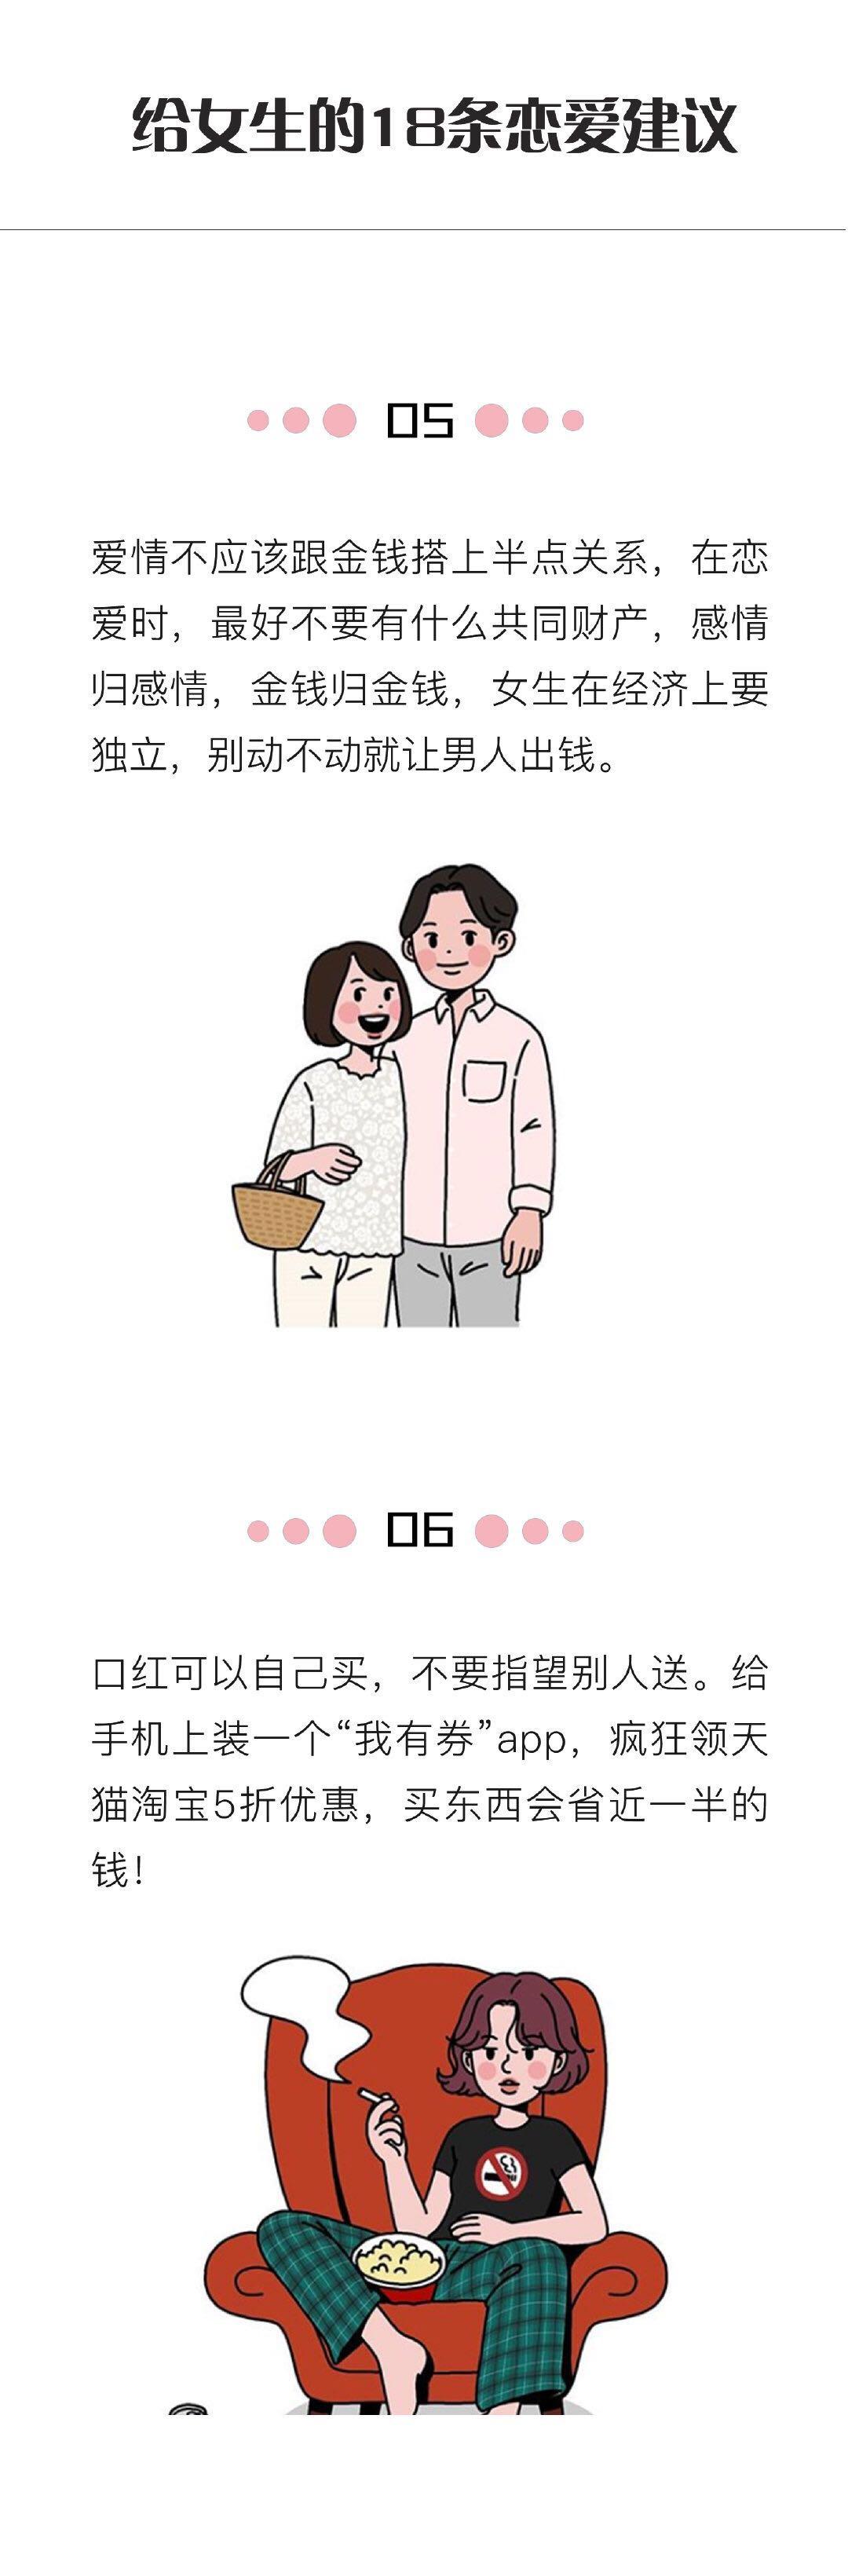 给女生的18条建议,无论跟谁恋爱结婚,都请记住这些忠告